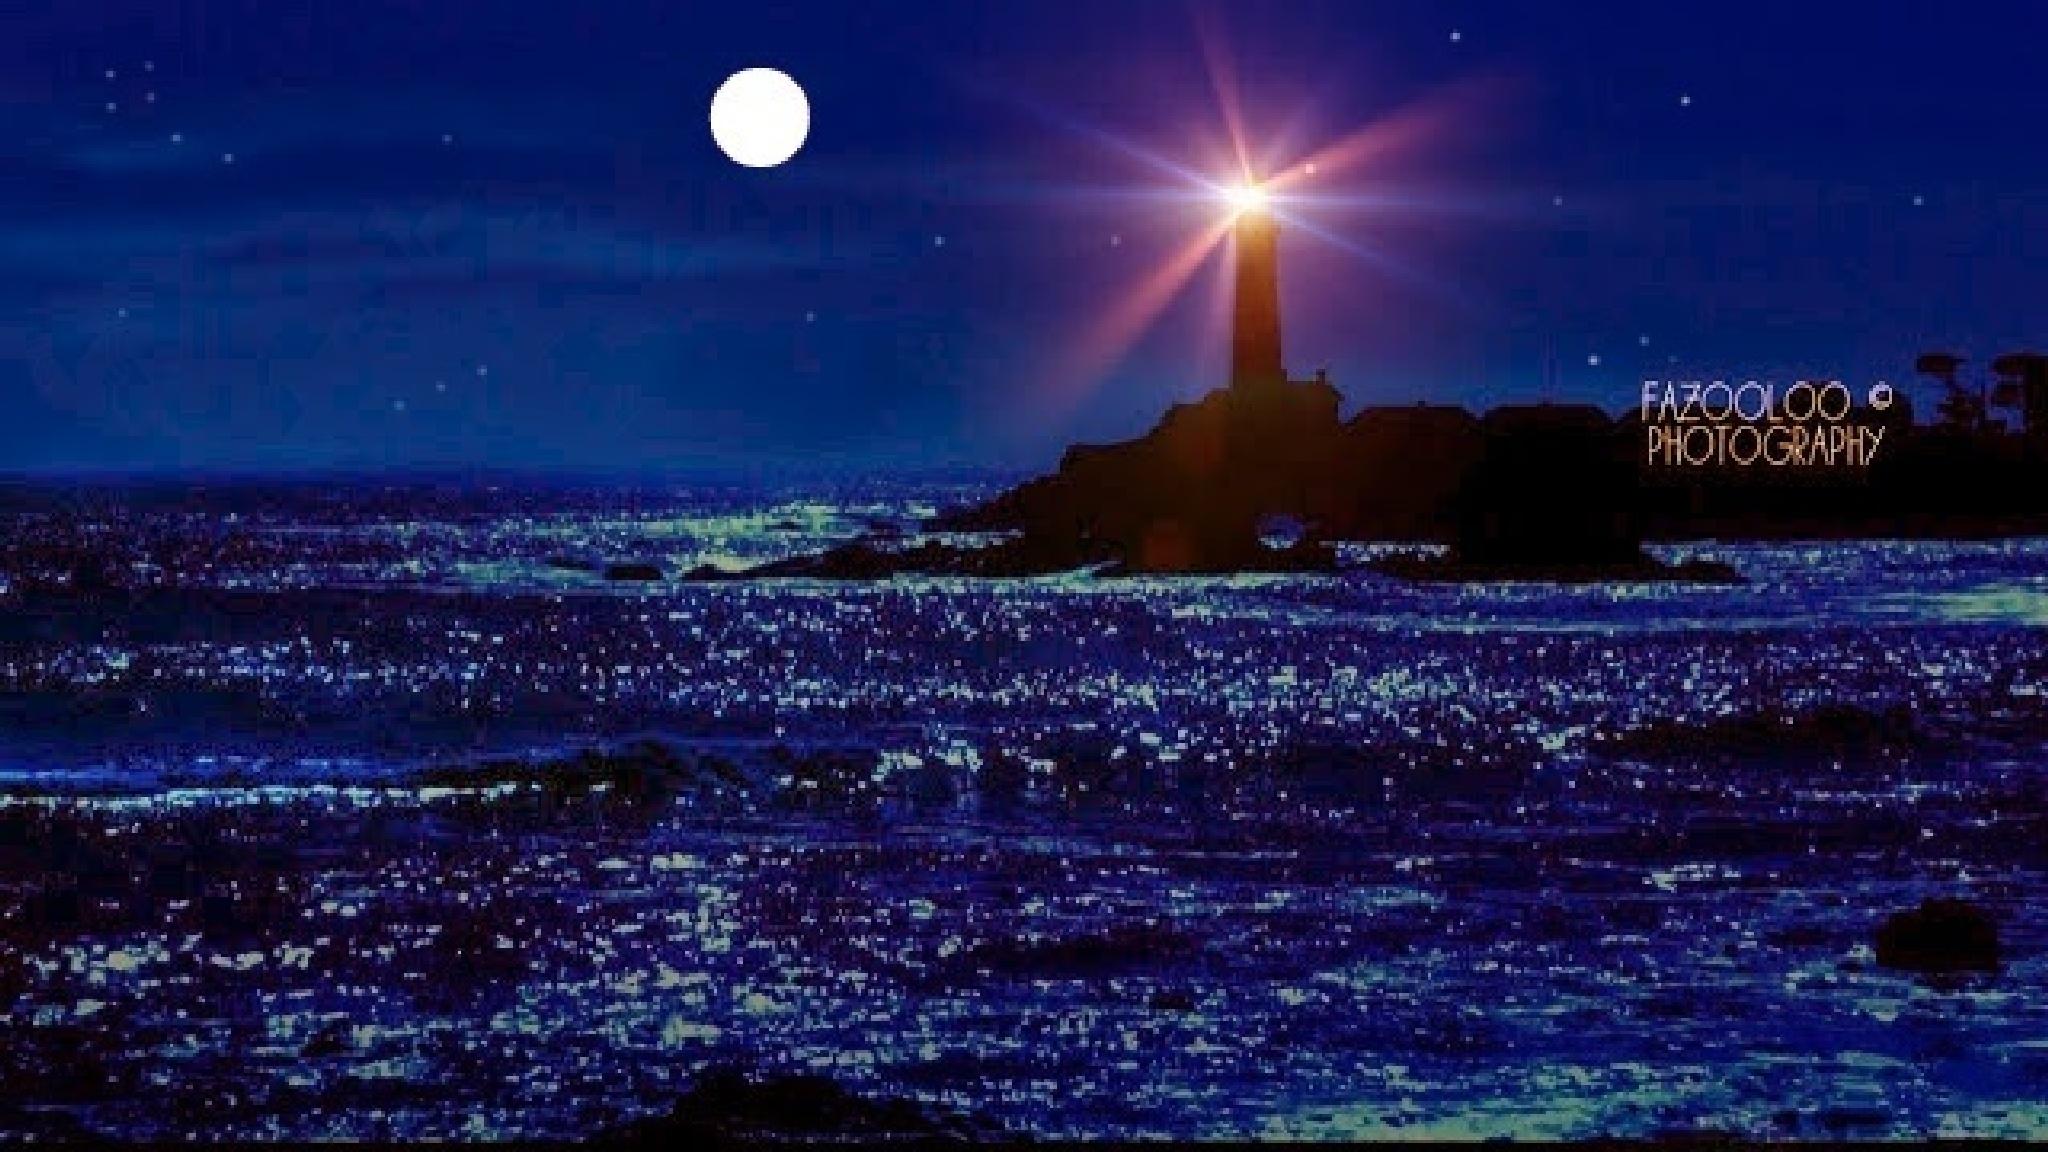 East Coast,  Lighthouse.  by fazooloo